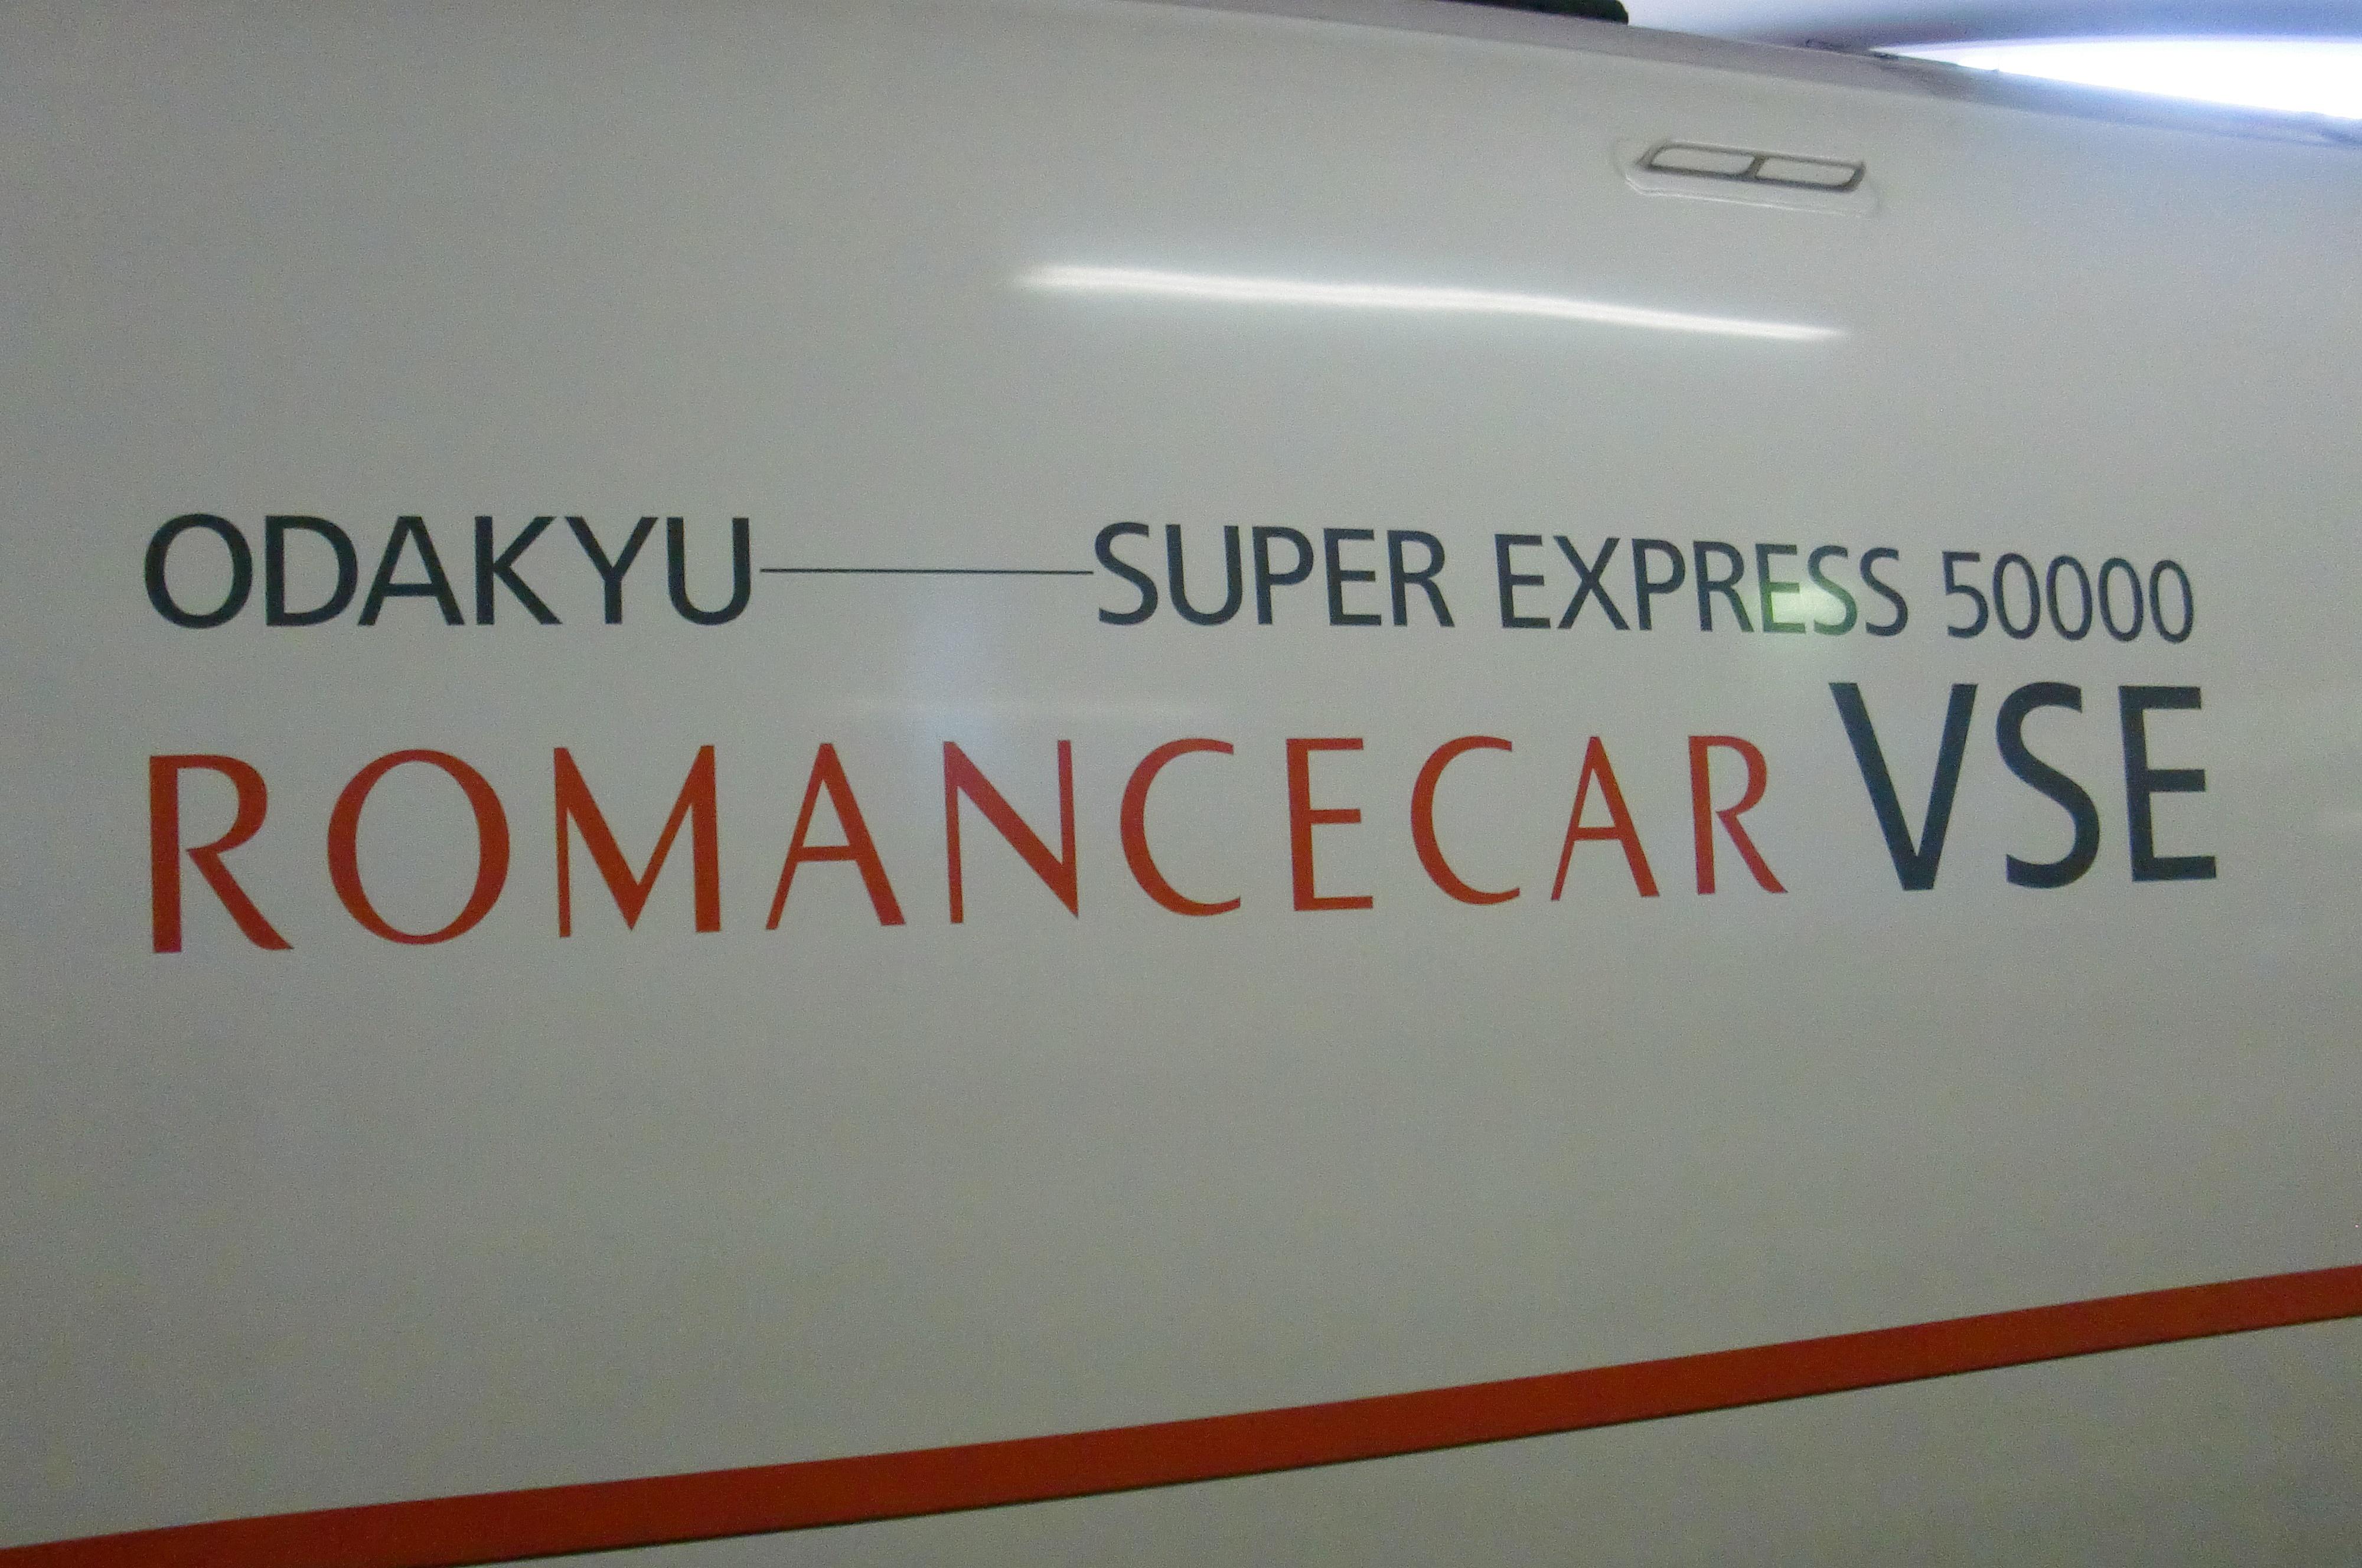 小田急ロマンスカーVSEロゴ.JPG